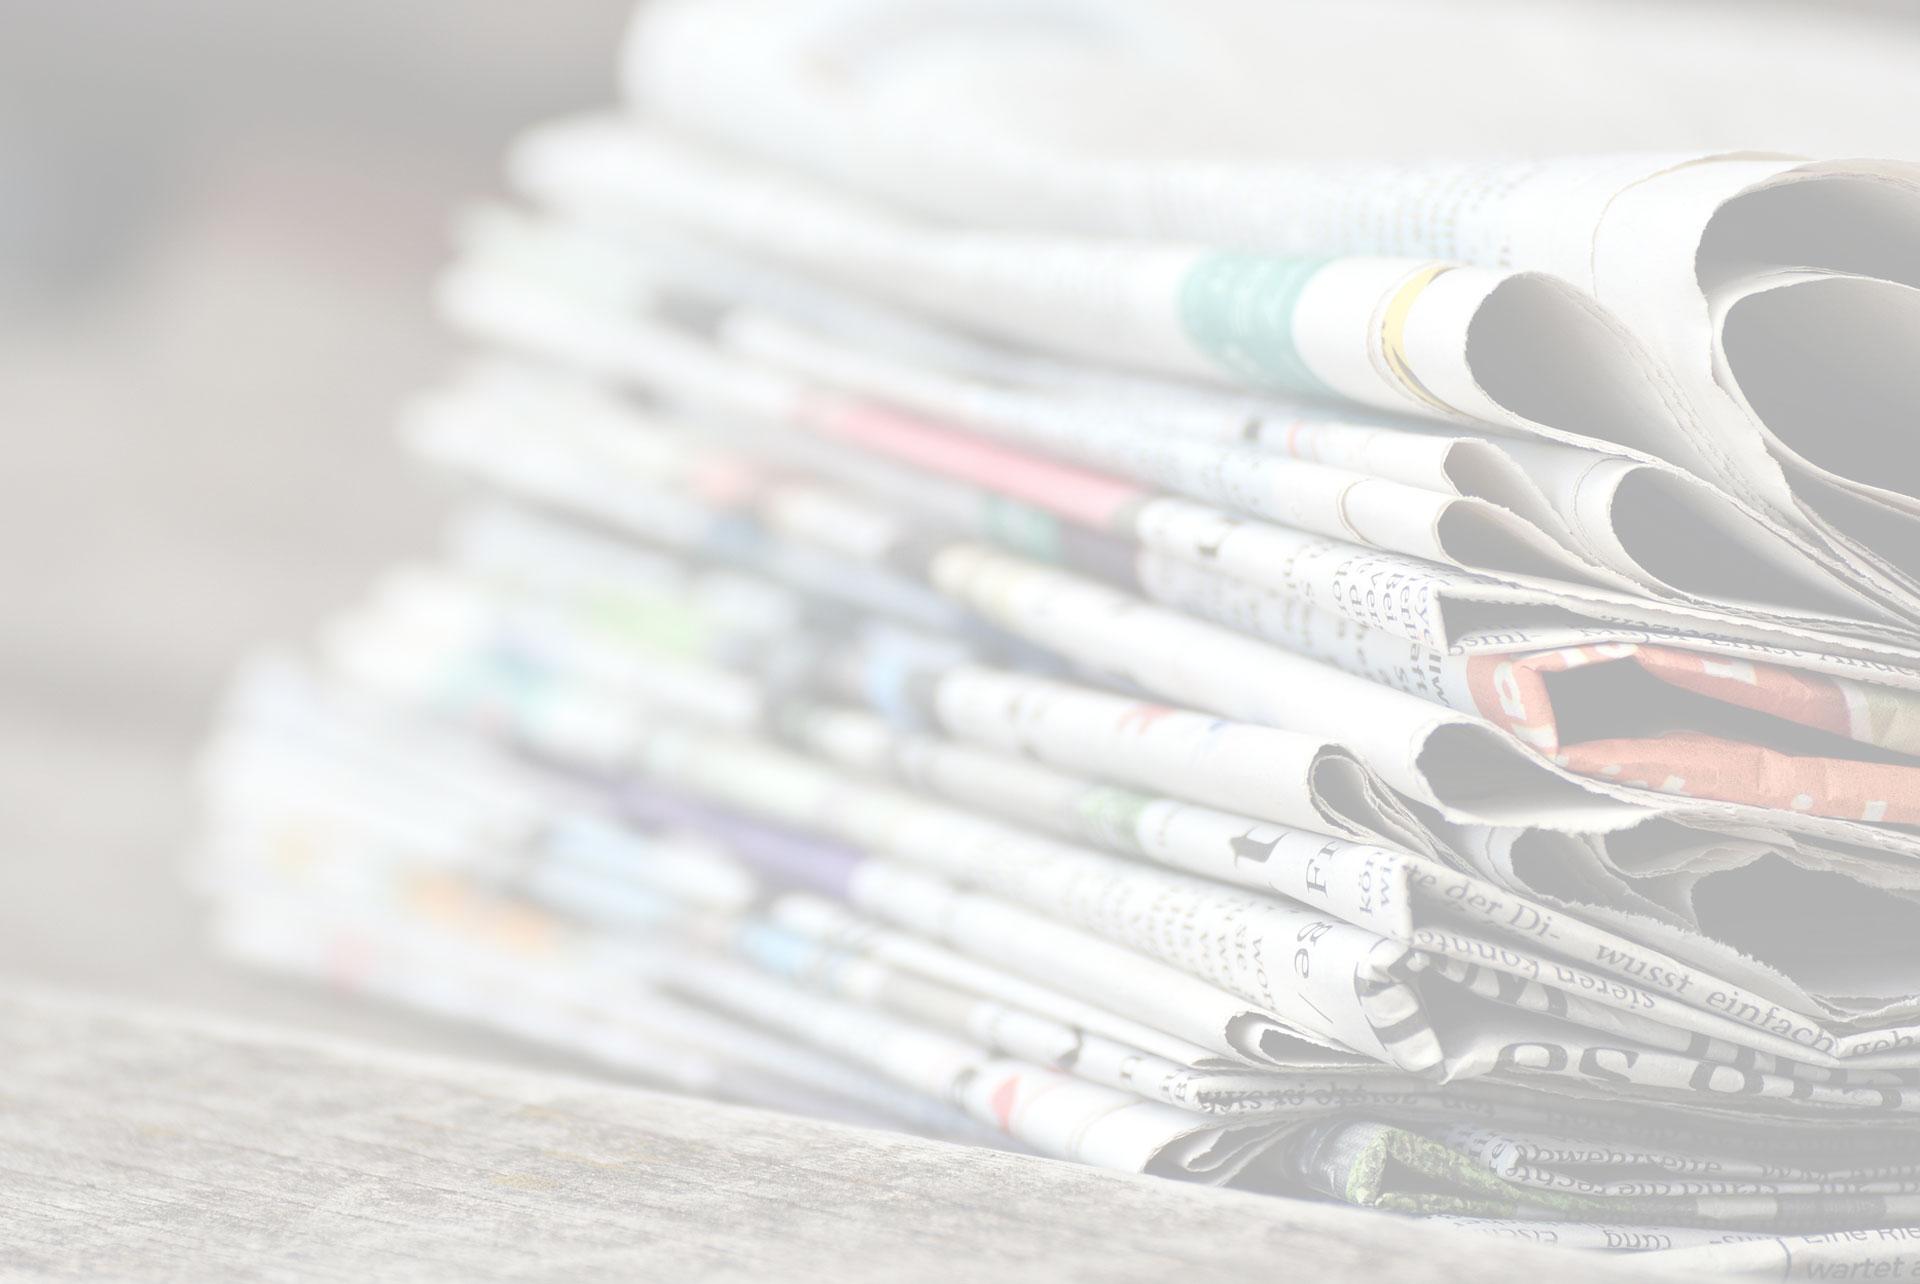 6 aprile 2009, il terremoto che sconvolse l'Abruzzo